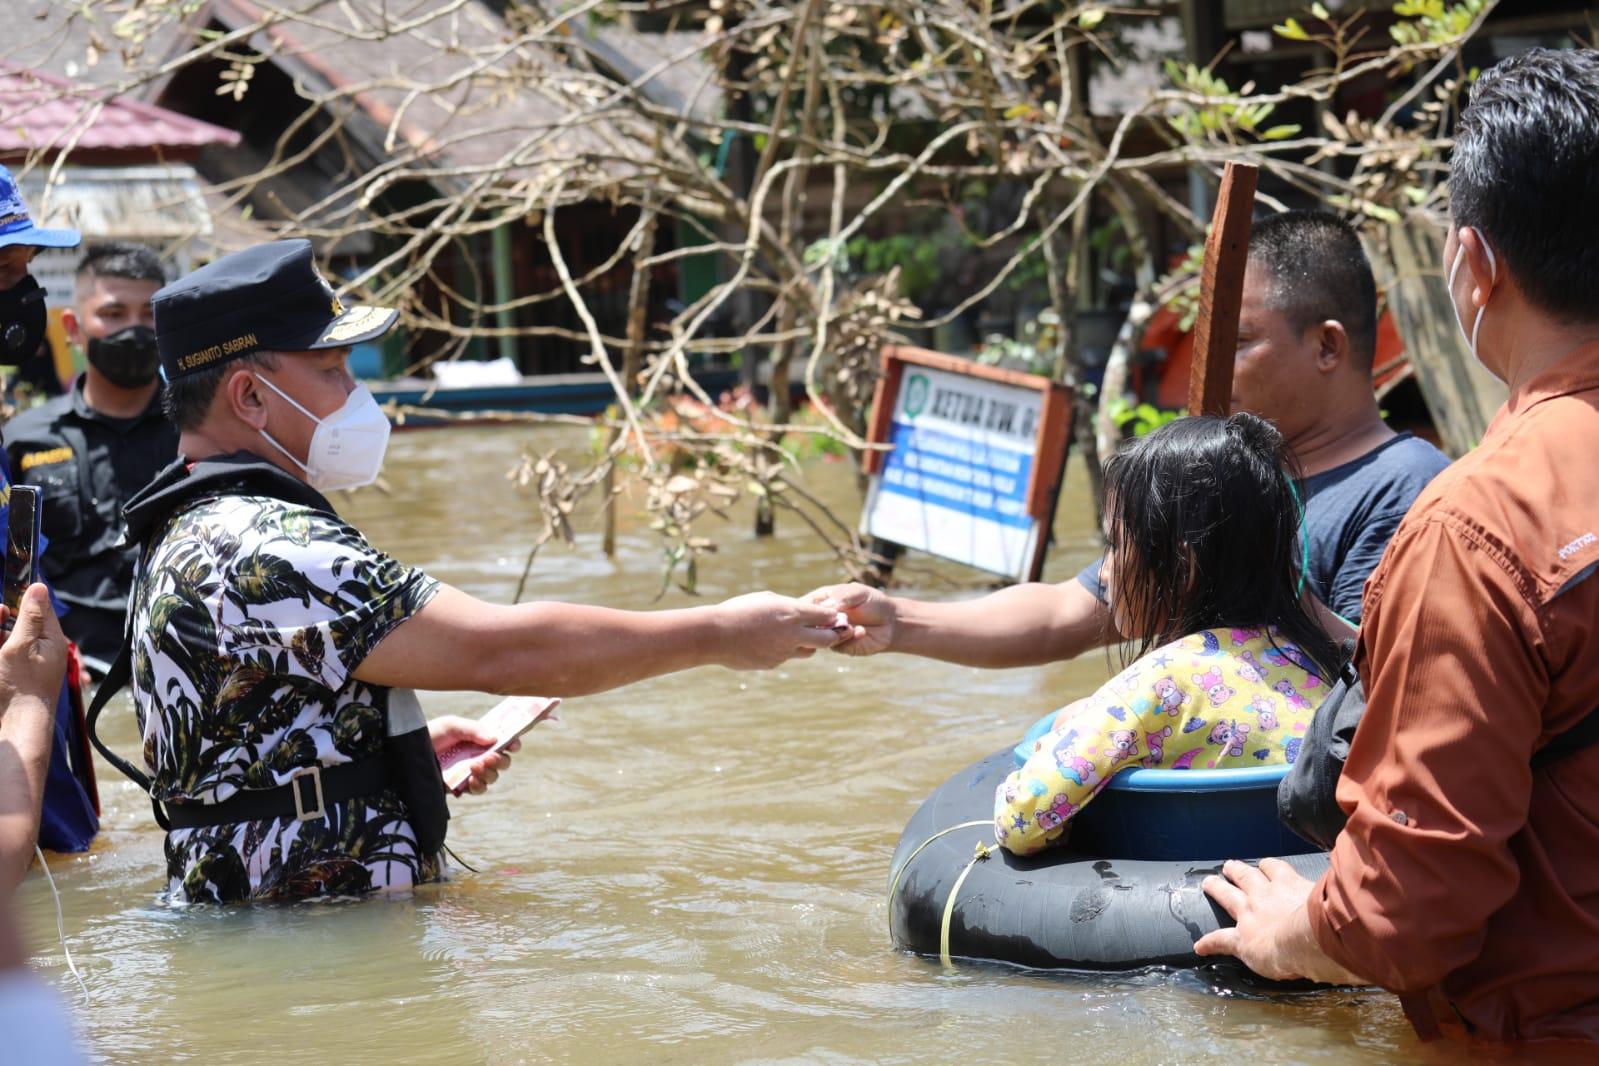 Gubernur Kalteng : Penanganan Banjir dan Pasca Banjir Menjadi Kesatuan yang Komprehensif